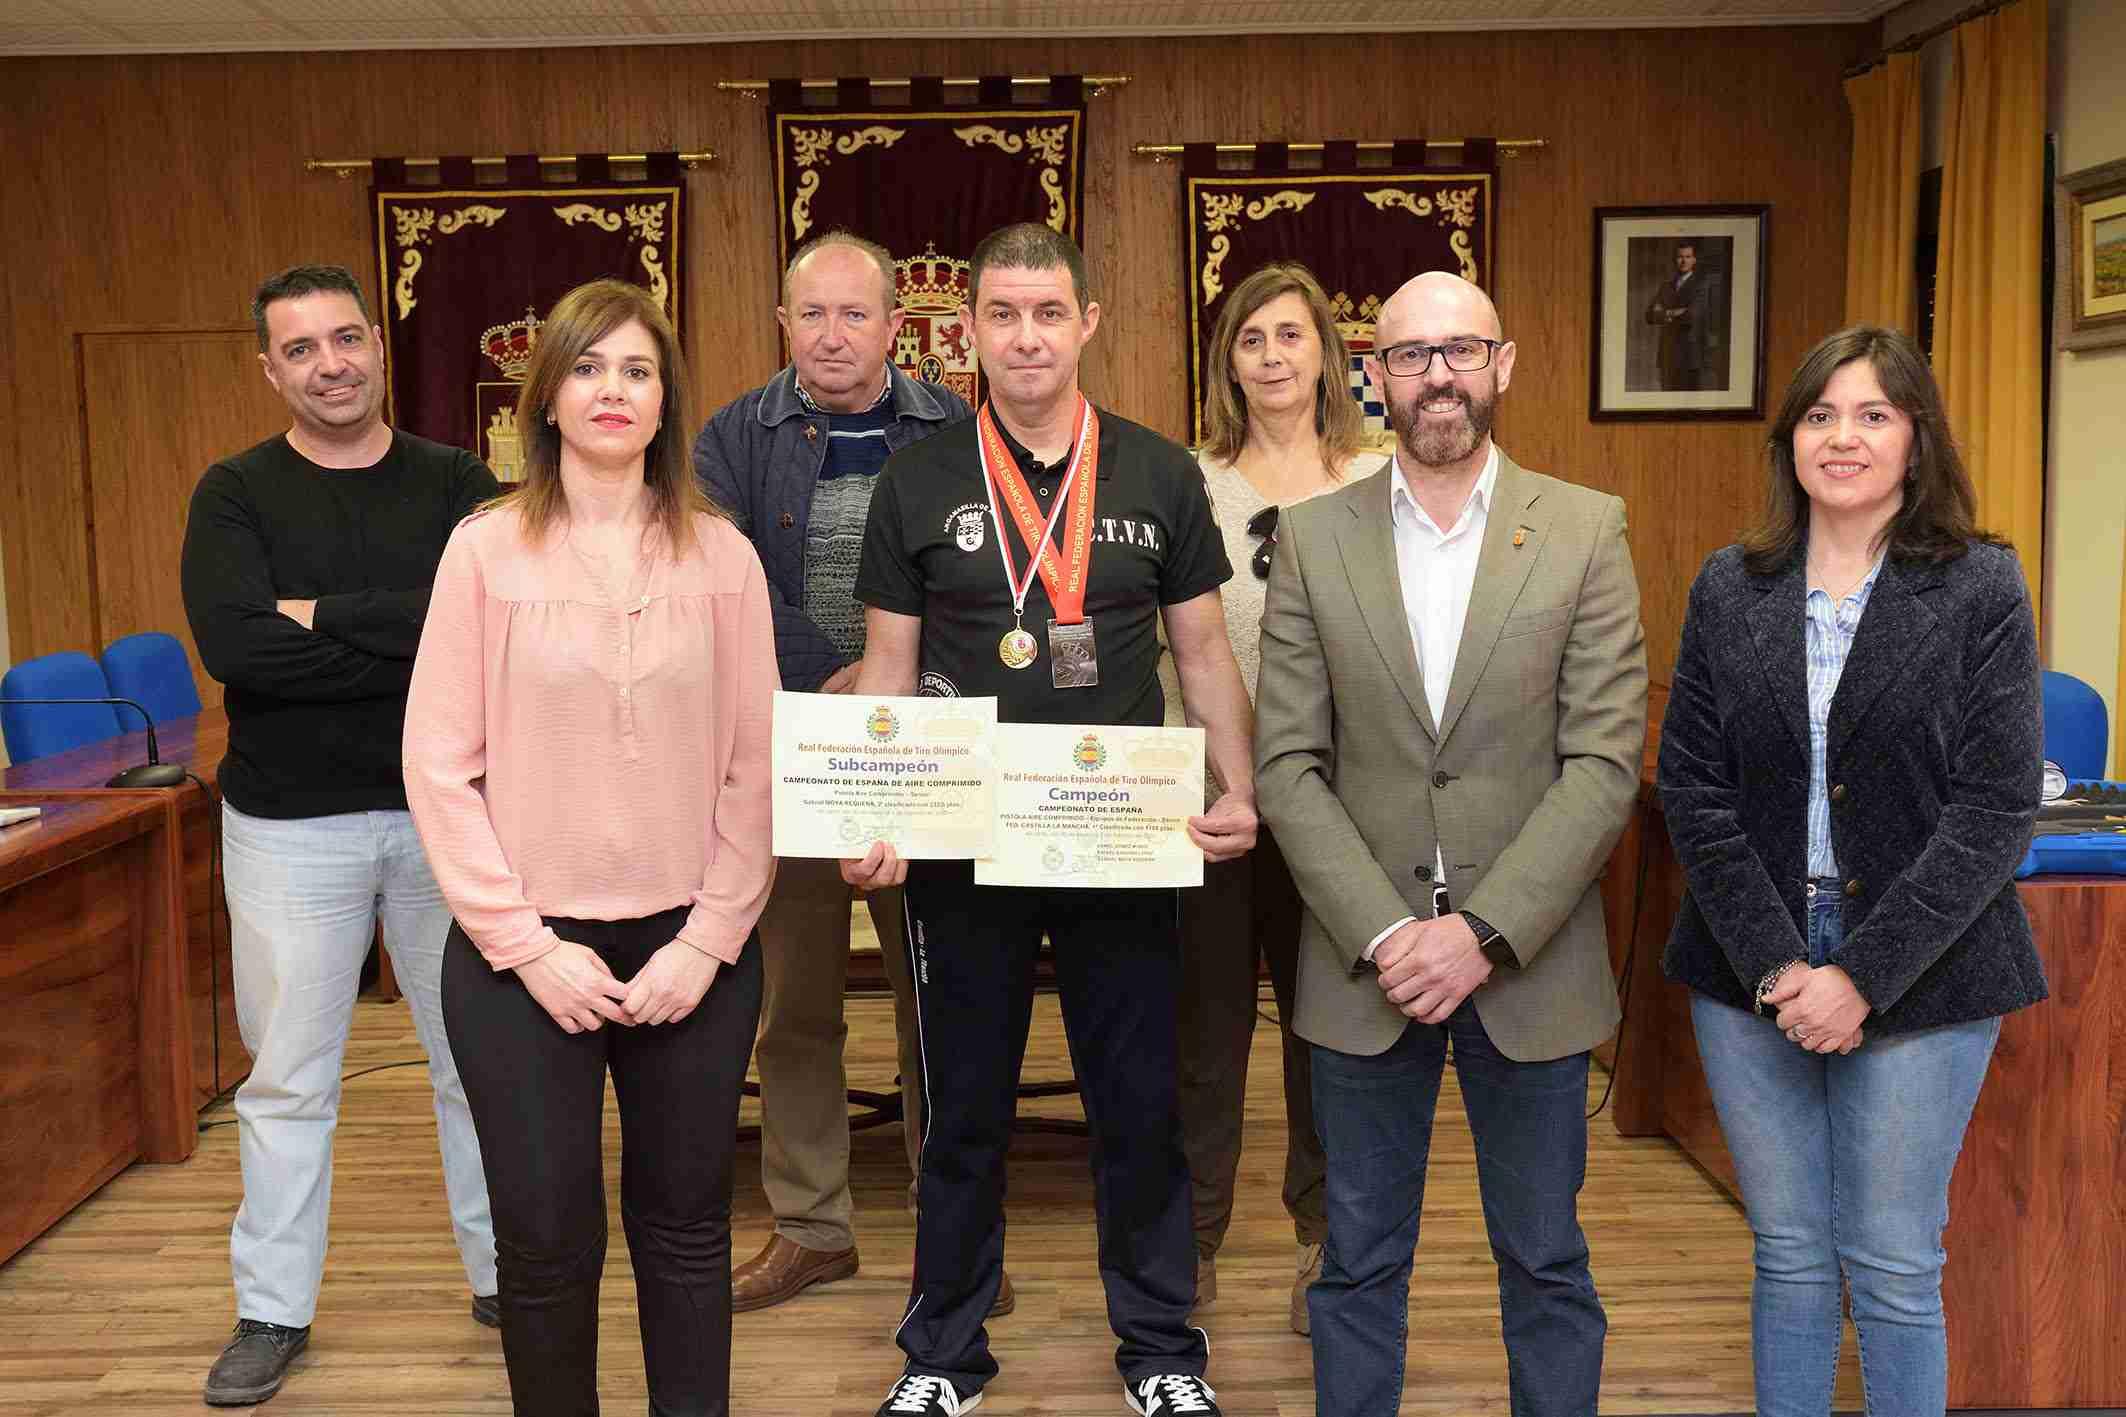 La Corporación Municipal recibe a Gabriel Moya, subcampeón de España de tiro con pistola y campeón por equipos 3